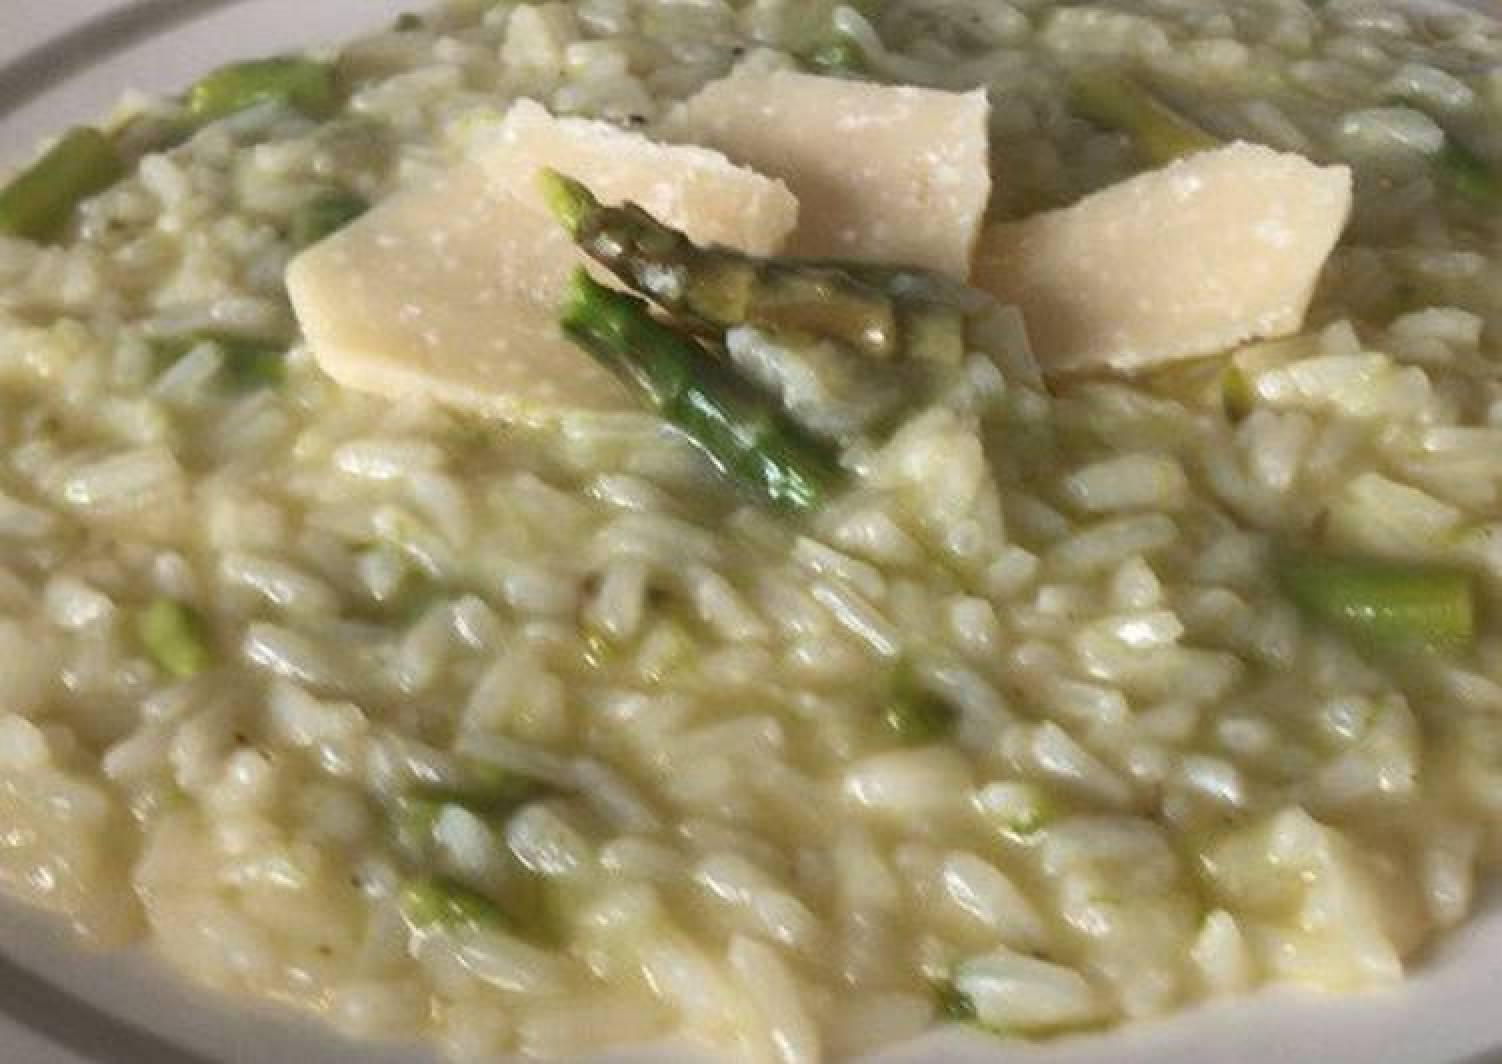 Risotto agli asparagi | Asparagus Rice Recipe